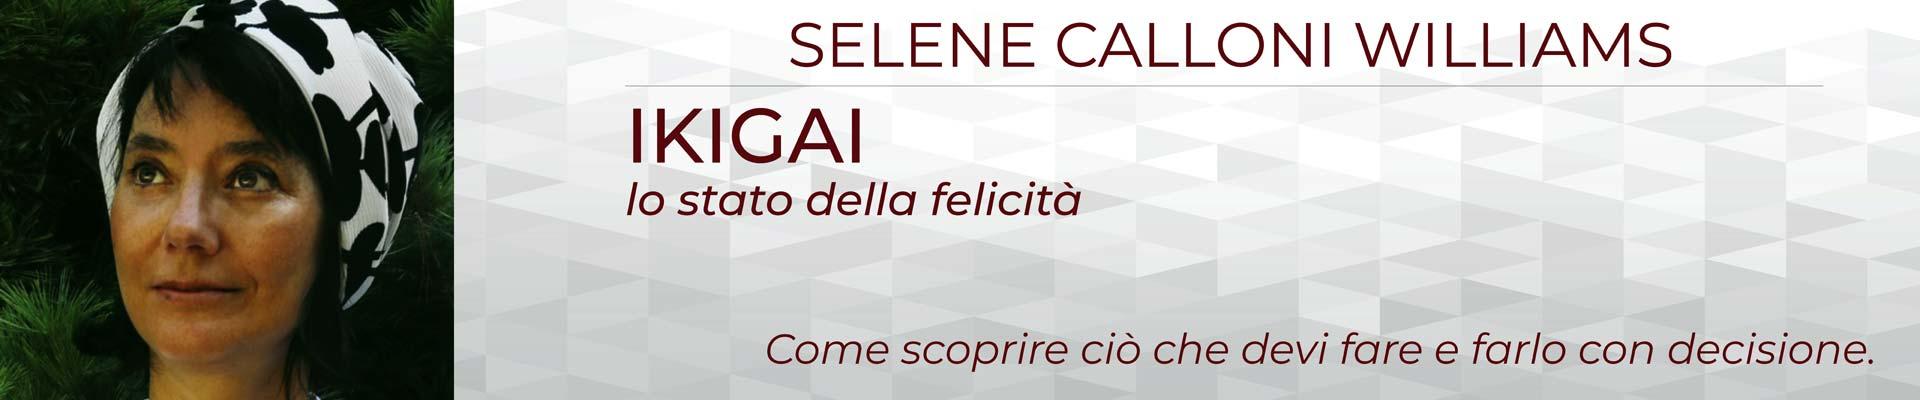 calloni-williams-banner